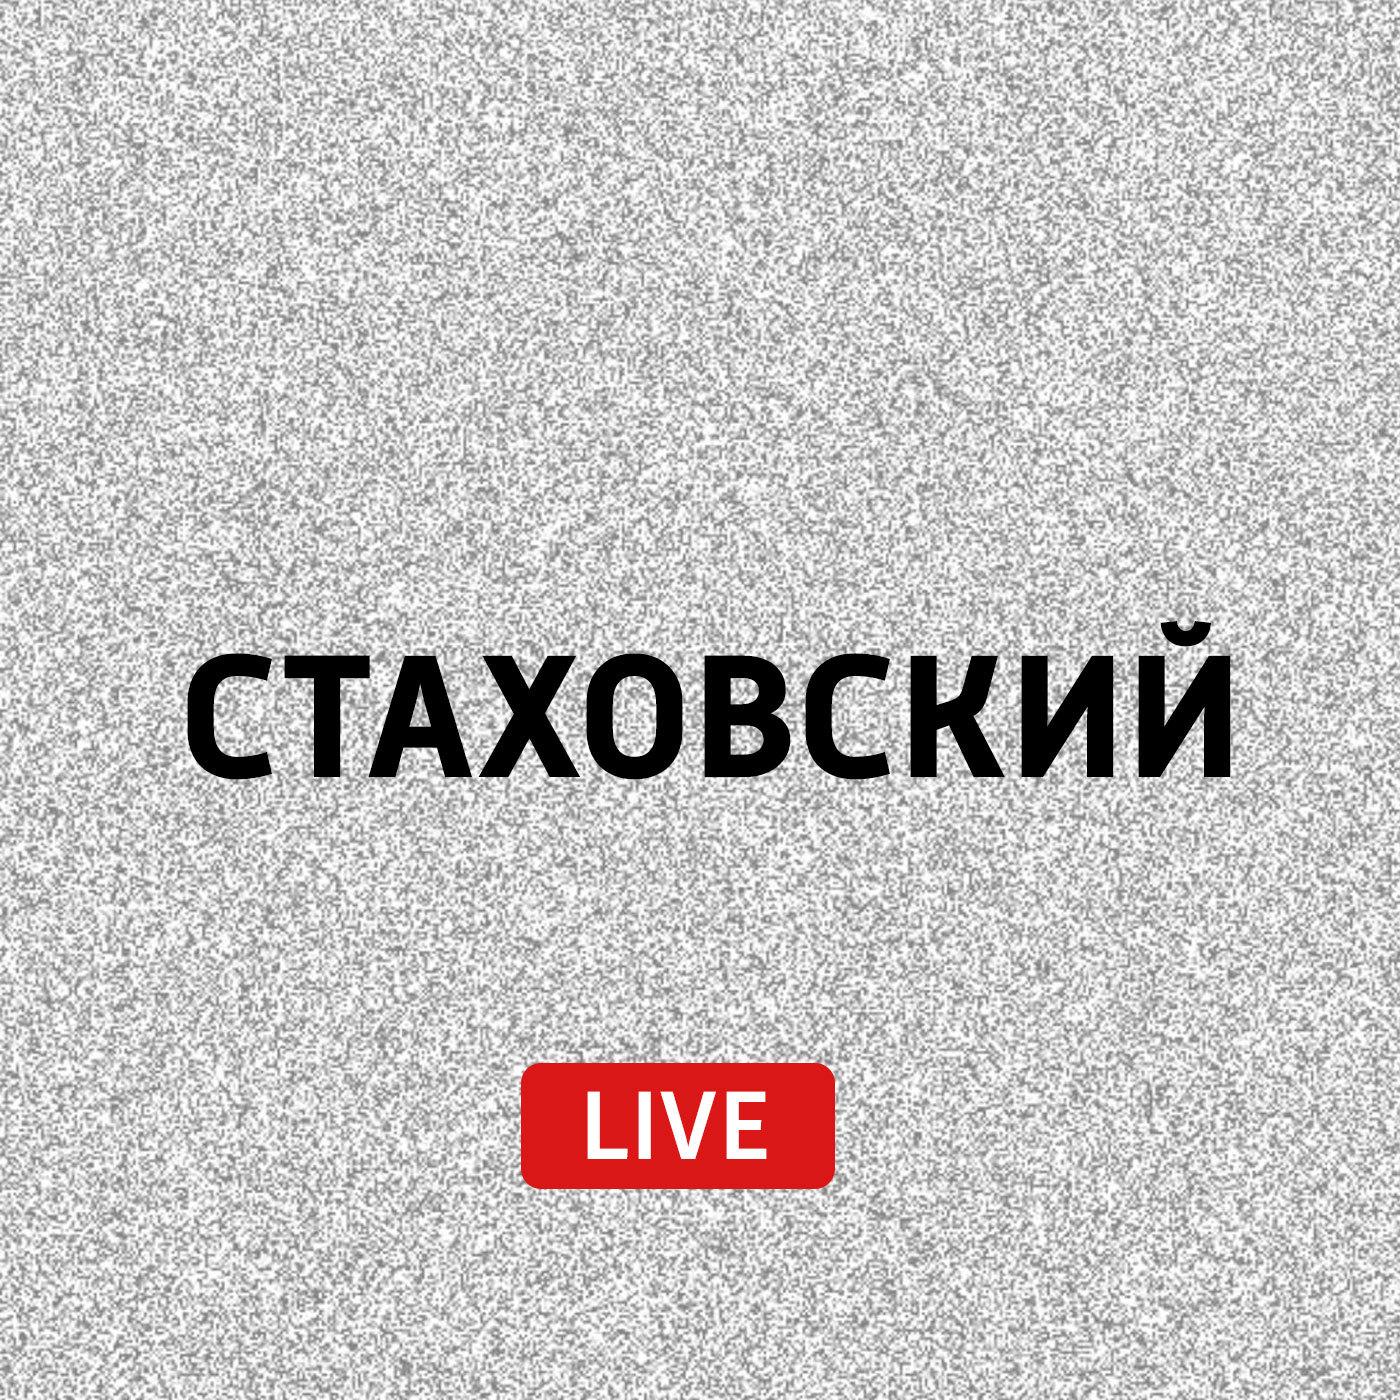 Евгений Стаховский У вас новое сообщение евгений стаховский евгений стаховский отвечает на комметарии